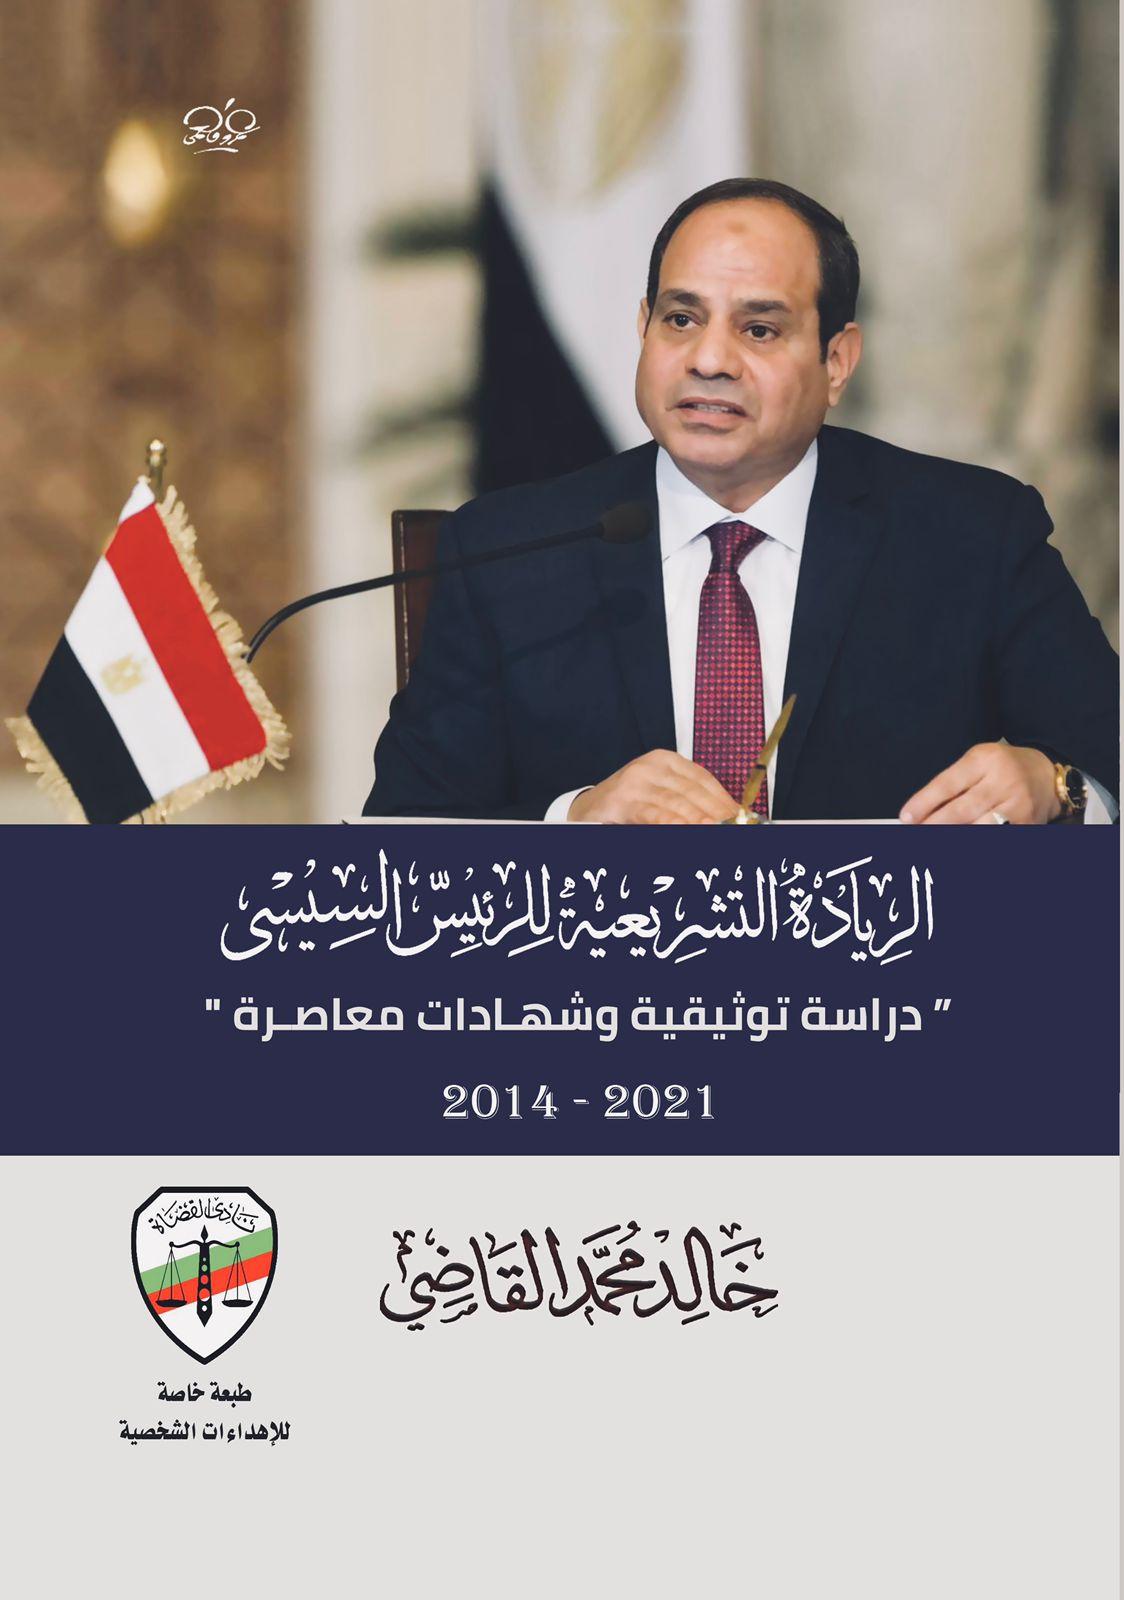 """كتاب """" الريادة التشريعية للرئيس السيسي """"   أحدث إصدارات خالد القاضي  في طبعة خاصة"""